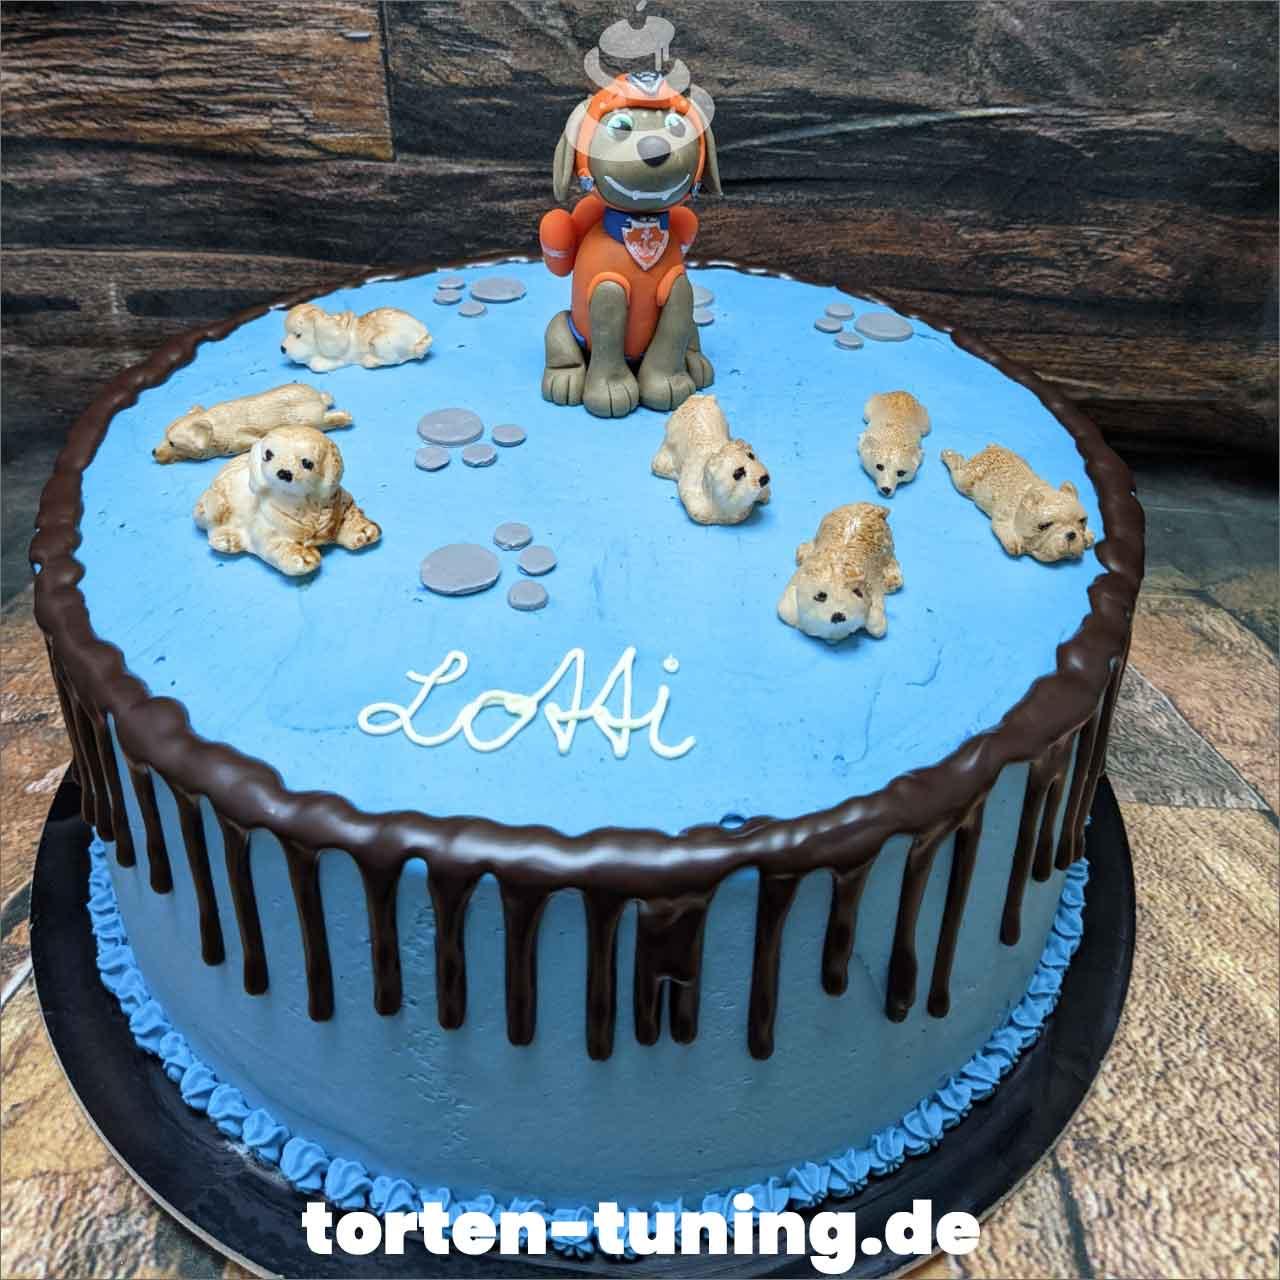 Paw Patrol Zuma Dripcake Obsttorte Geburtstagstorte Motivtorte Torte Tortendekoration Torte online bestellen Suhl Thüringen Torten Tuning Sahnetorte Tortenfiguren Cake Topper